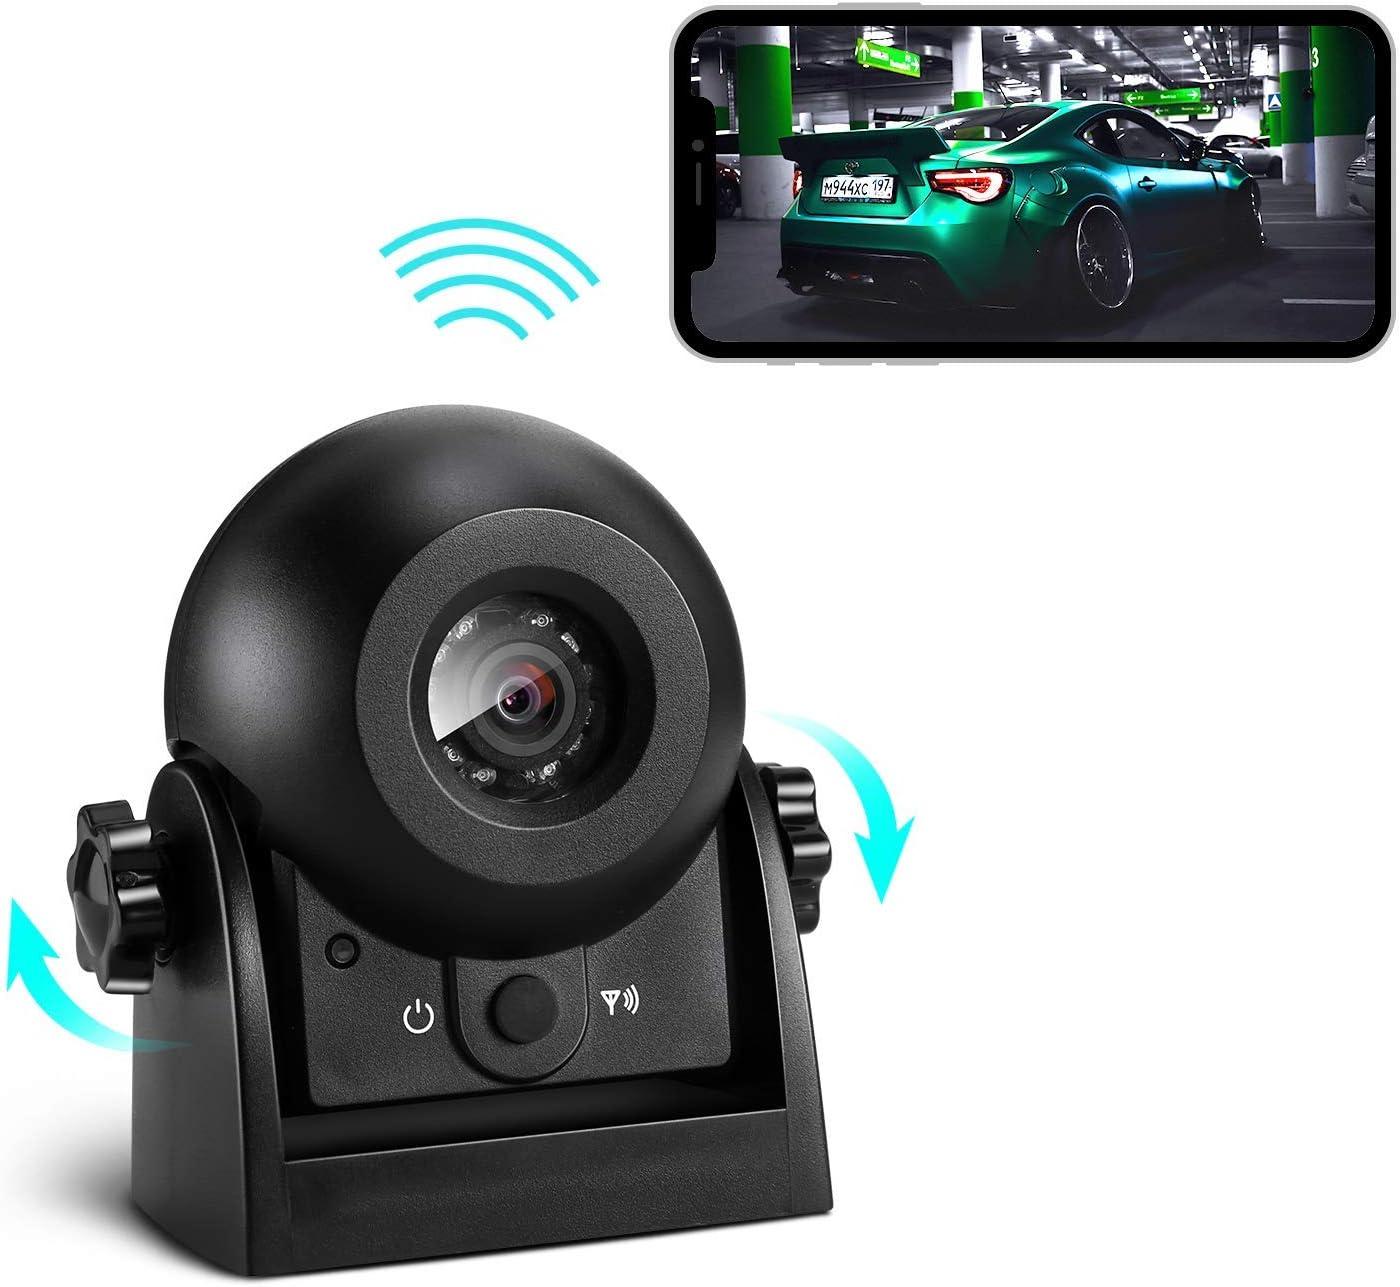 Cámara Vision Trasera para Coche Inalambrica, Uzone Magnética Cámara Trasera Coche WiFi IP67 Impermeable & Súper Visión Nocturna & Vista Gran Angular & Sísmica Prevención Polvo para Carava